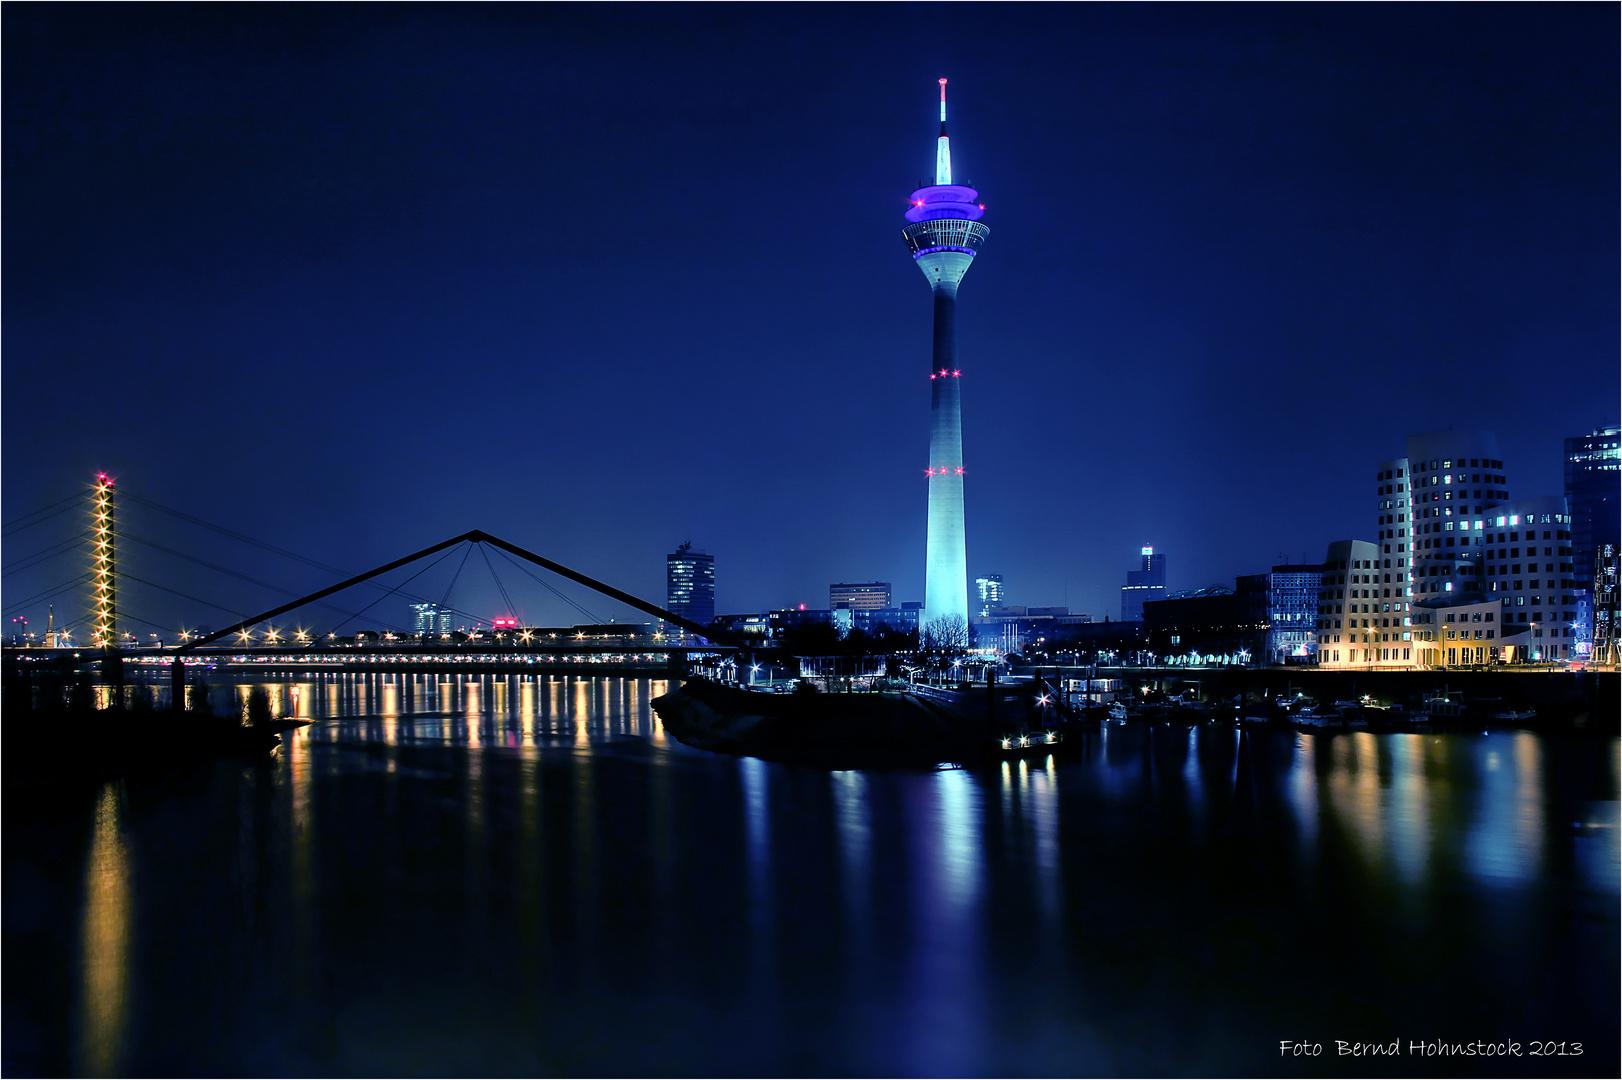 Düsseldorf Medienhafen ... Fernmeldeturm ...